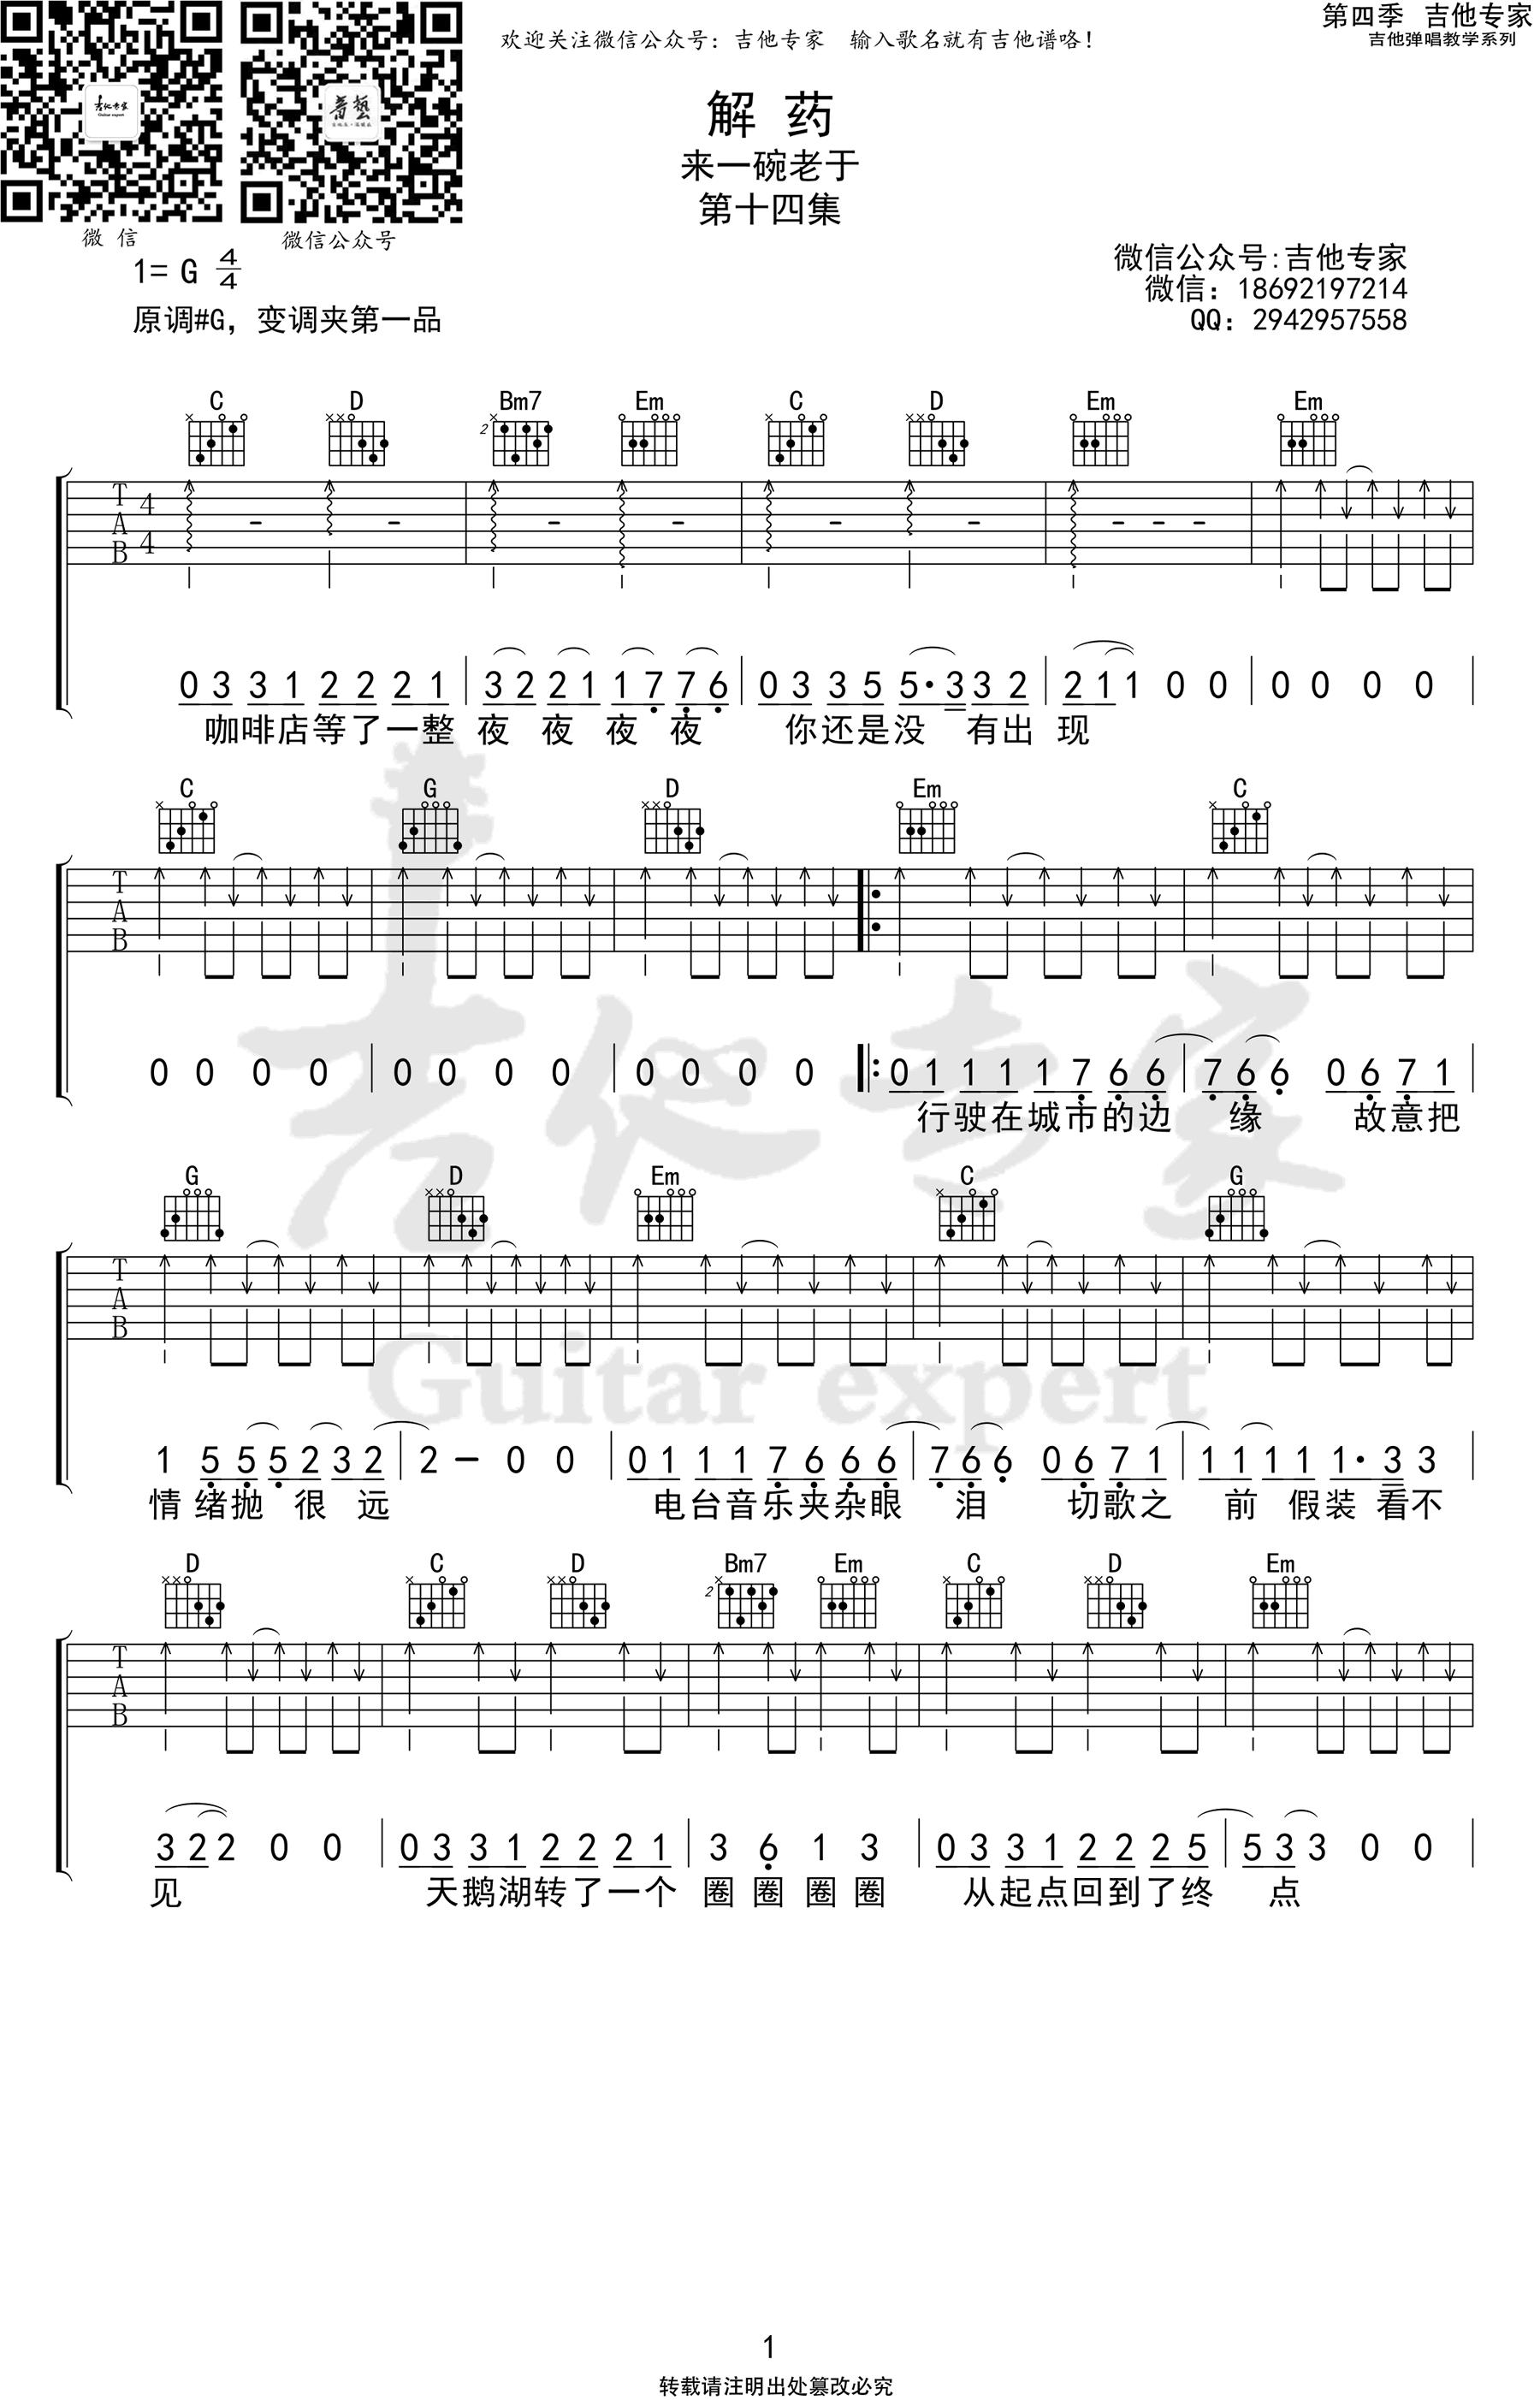 来一碗老于-解药吉他谱-吉他帮网站-1